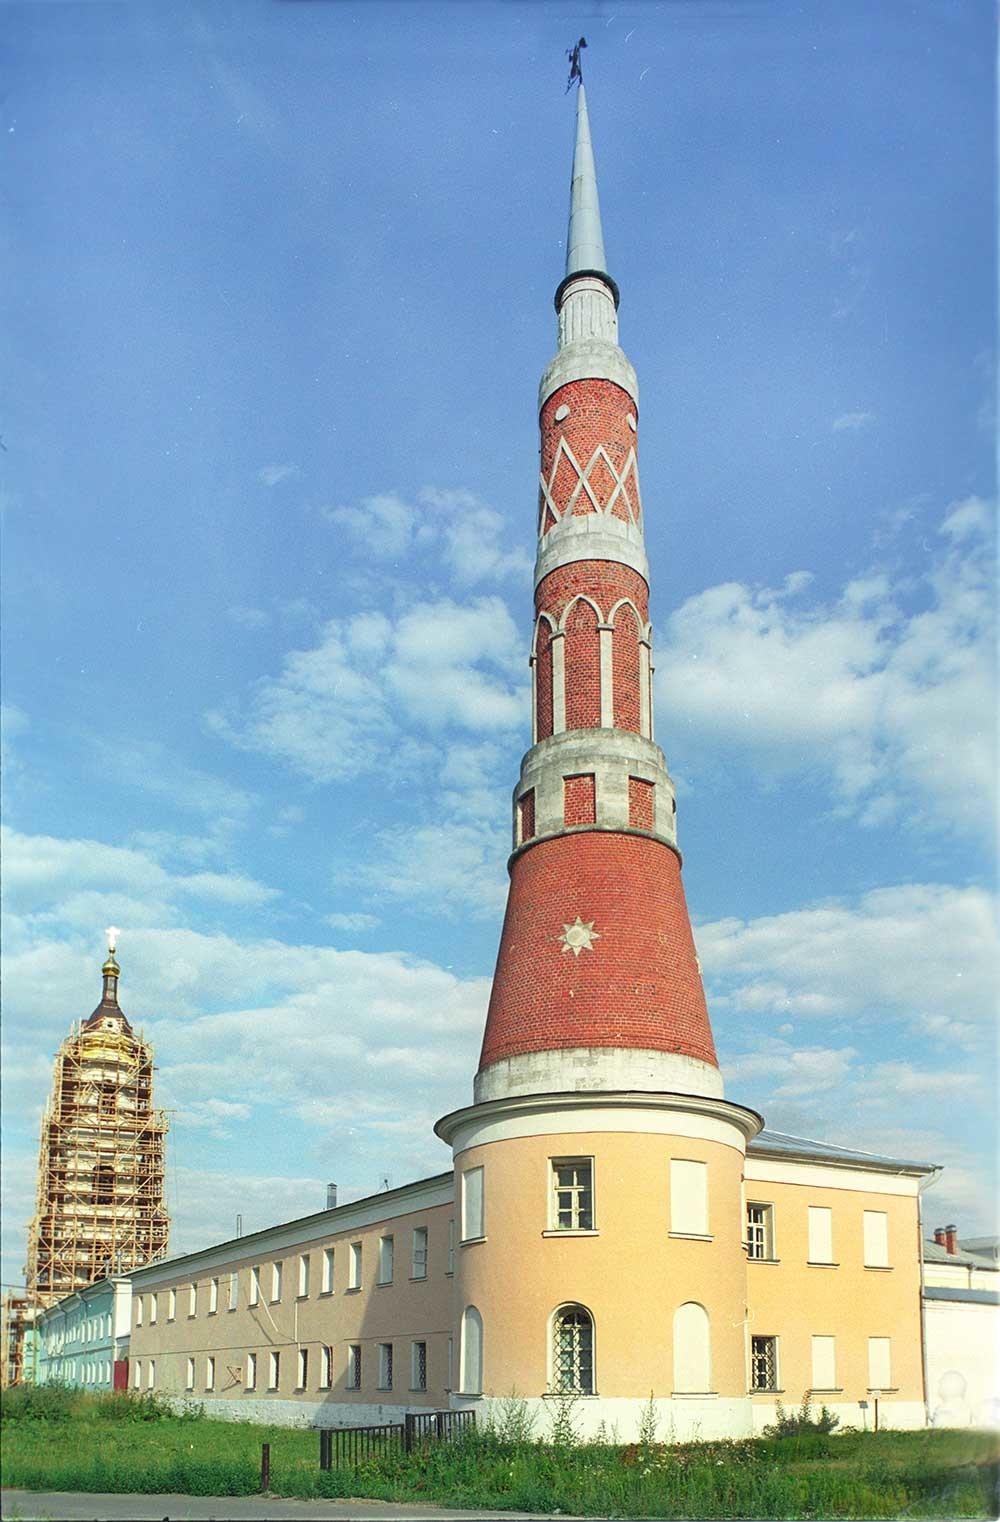 Monastero Staro-Golutvin, vista nord-ovest. Da sinistra: parete nord e campanile, torre angolare nord-ovest. 21 luglio 2006